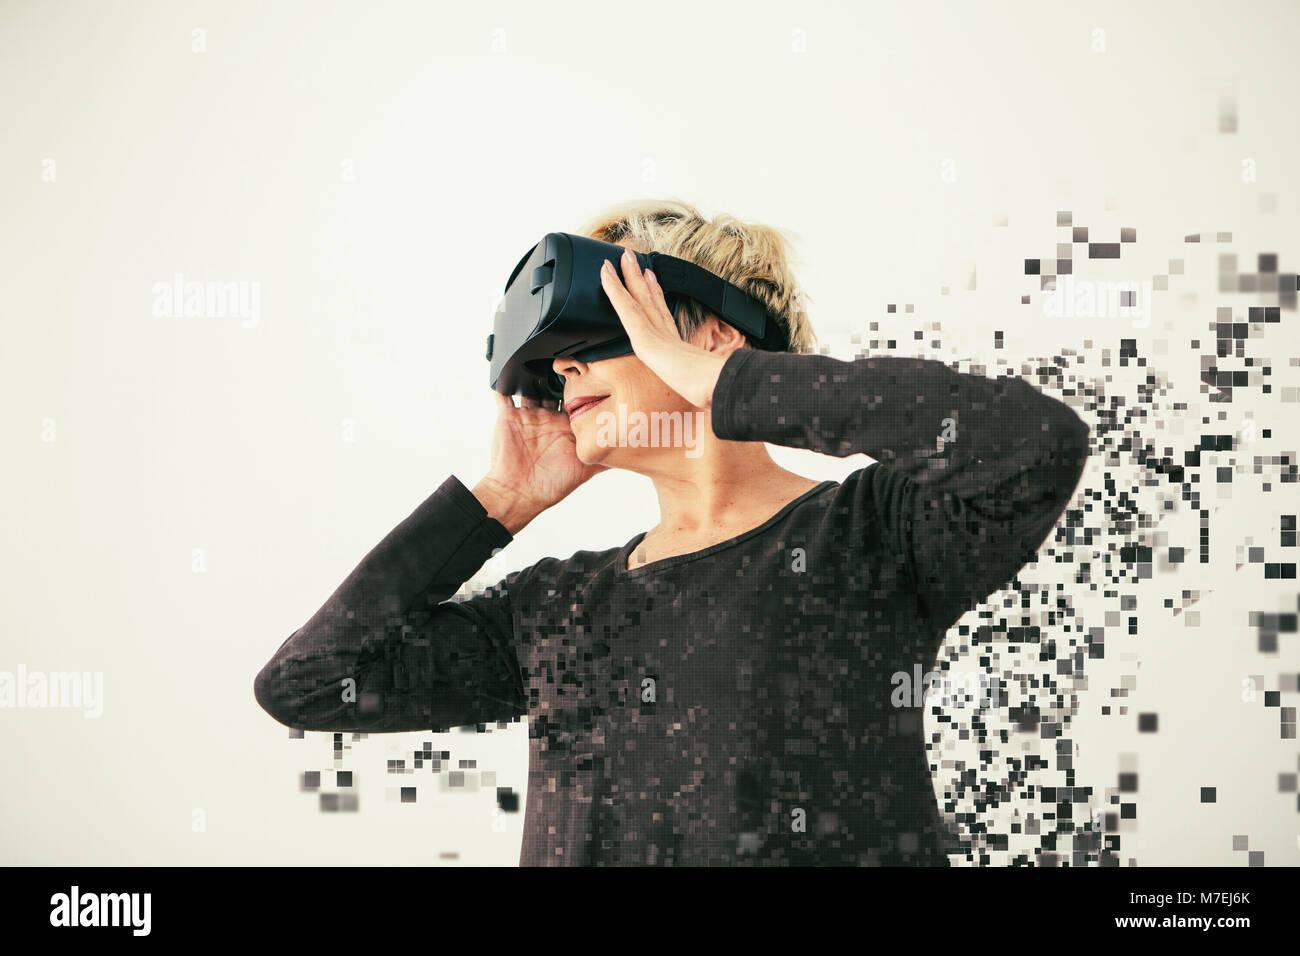 Una donna anziana in realtà virtuale occhiali è diffusa da pixel. Fotografia concettuale con effetti visivi Immagini Stock